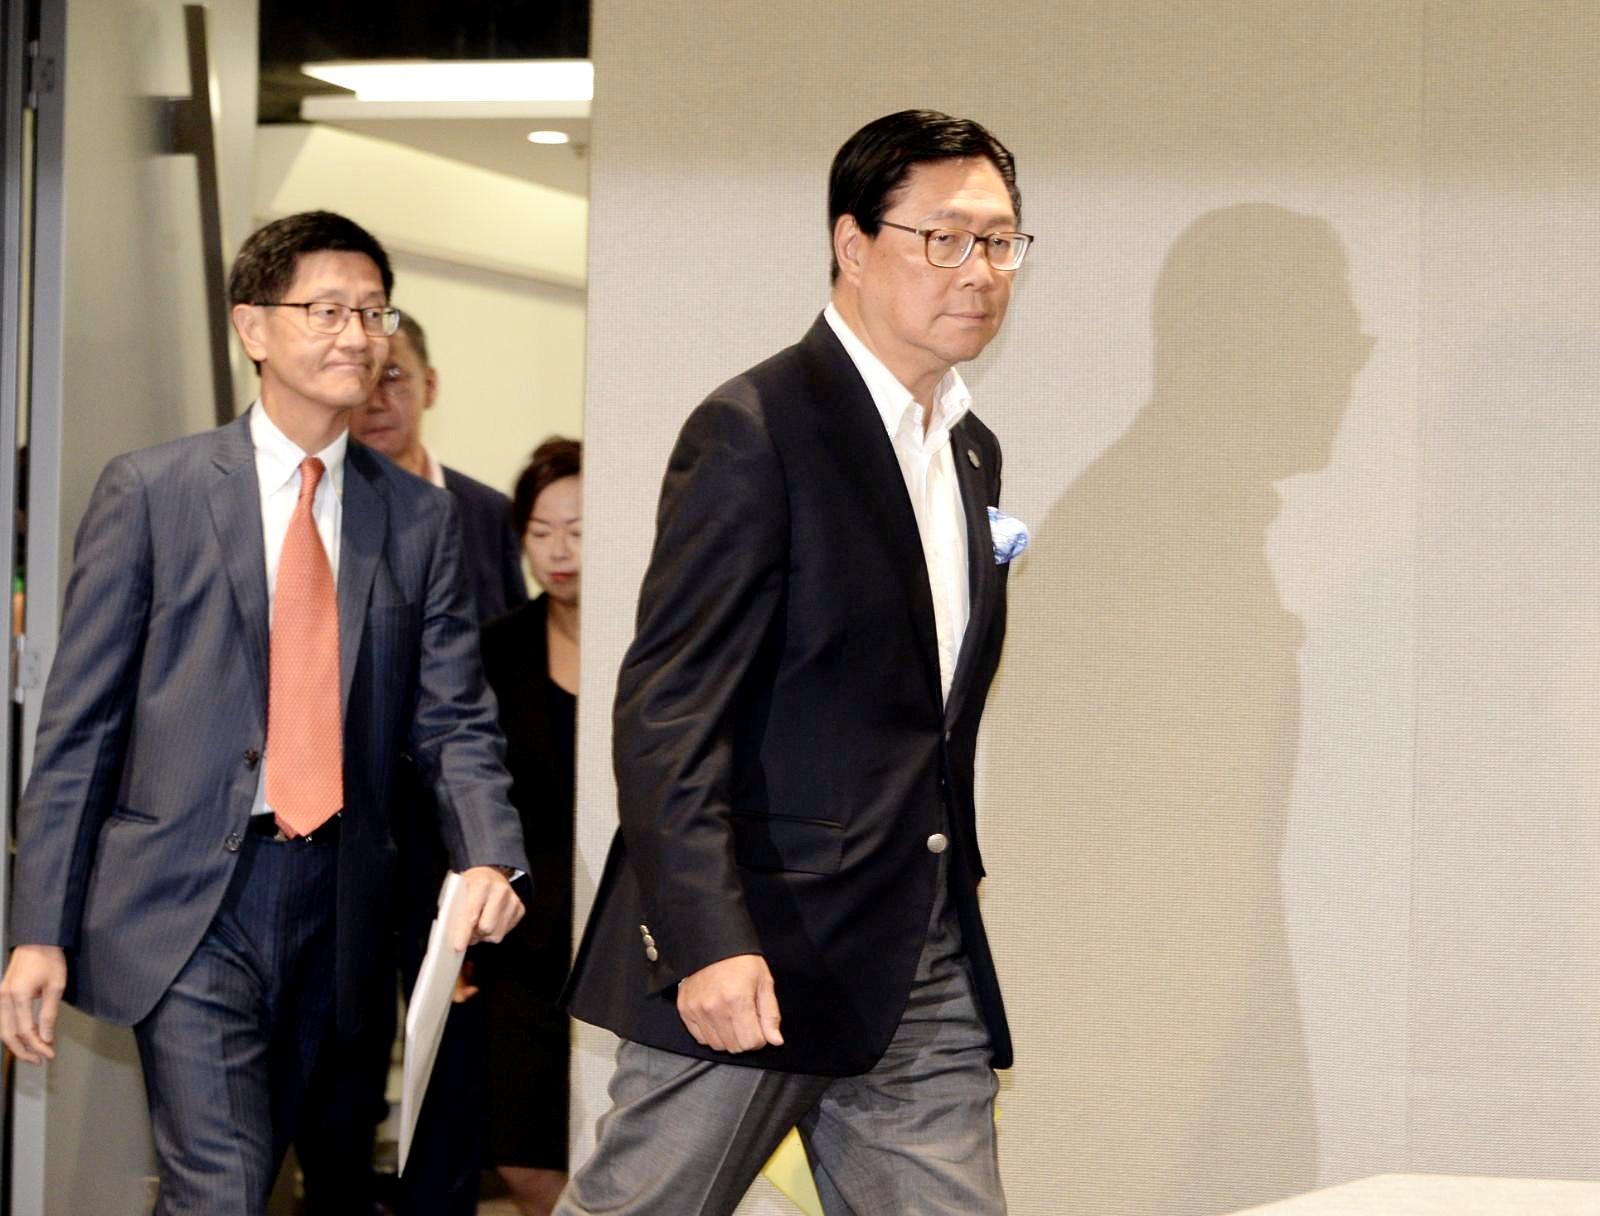 梁國權(左)及馬時亨出席記者會。